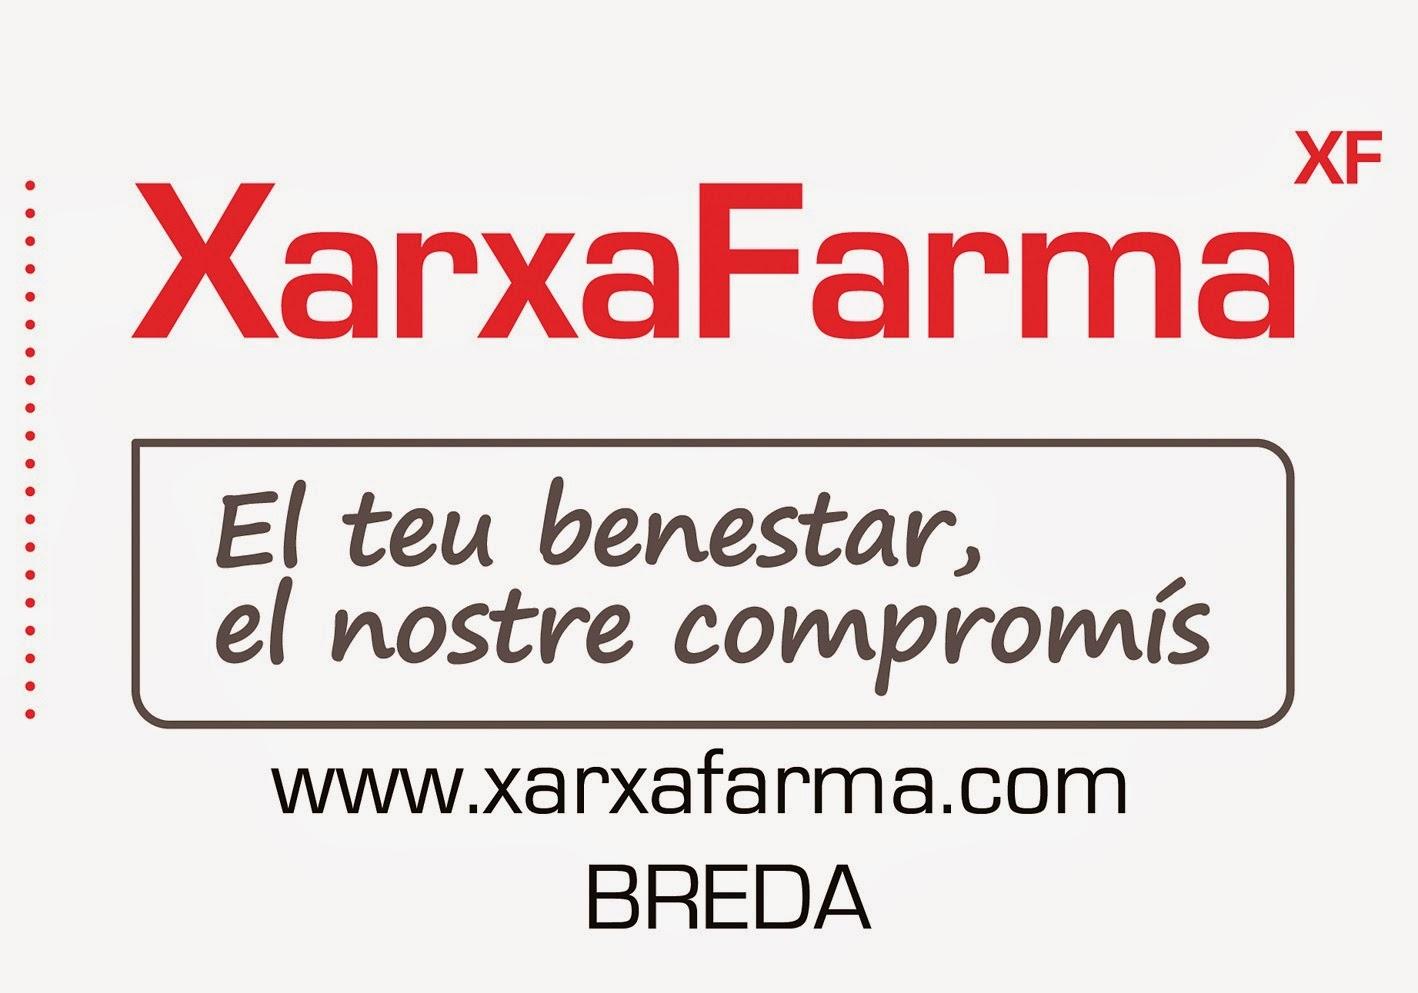 XarxaFarma